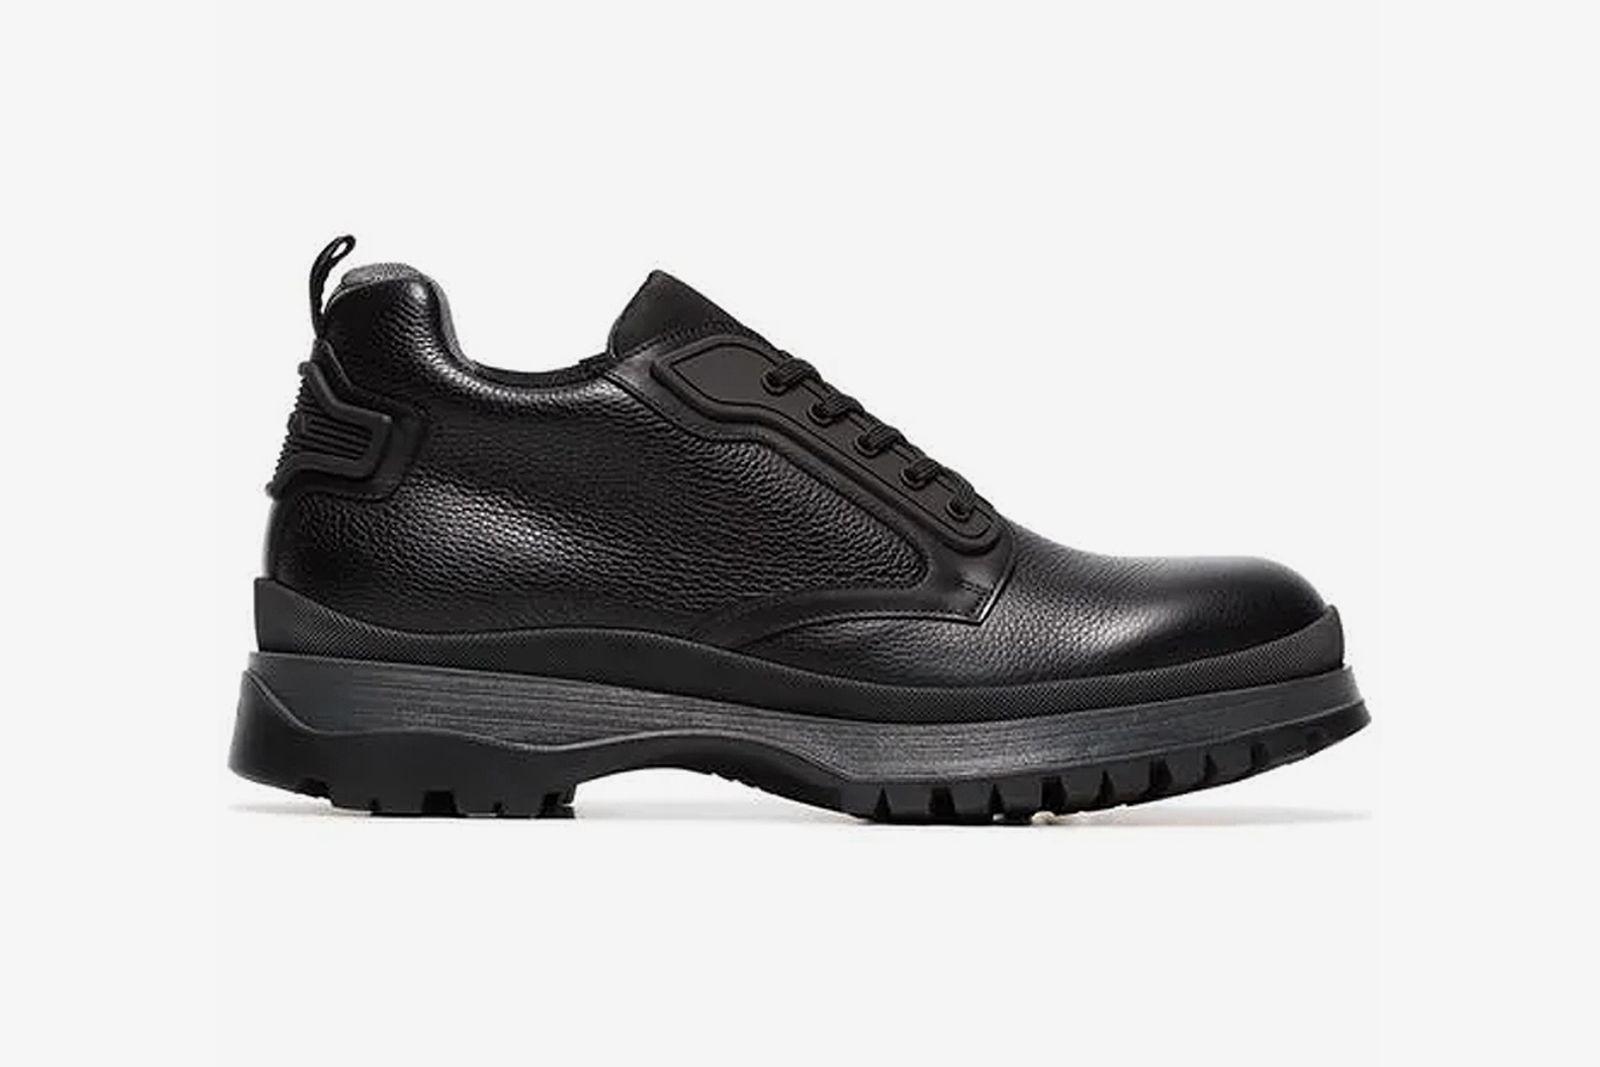 industry insiders non sneaker footwear roundup Loewe cole haan dior